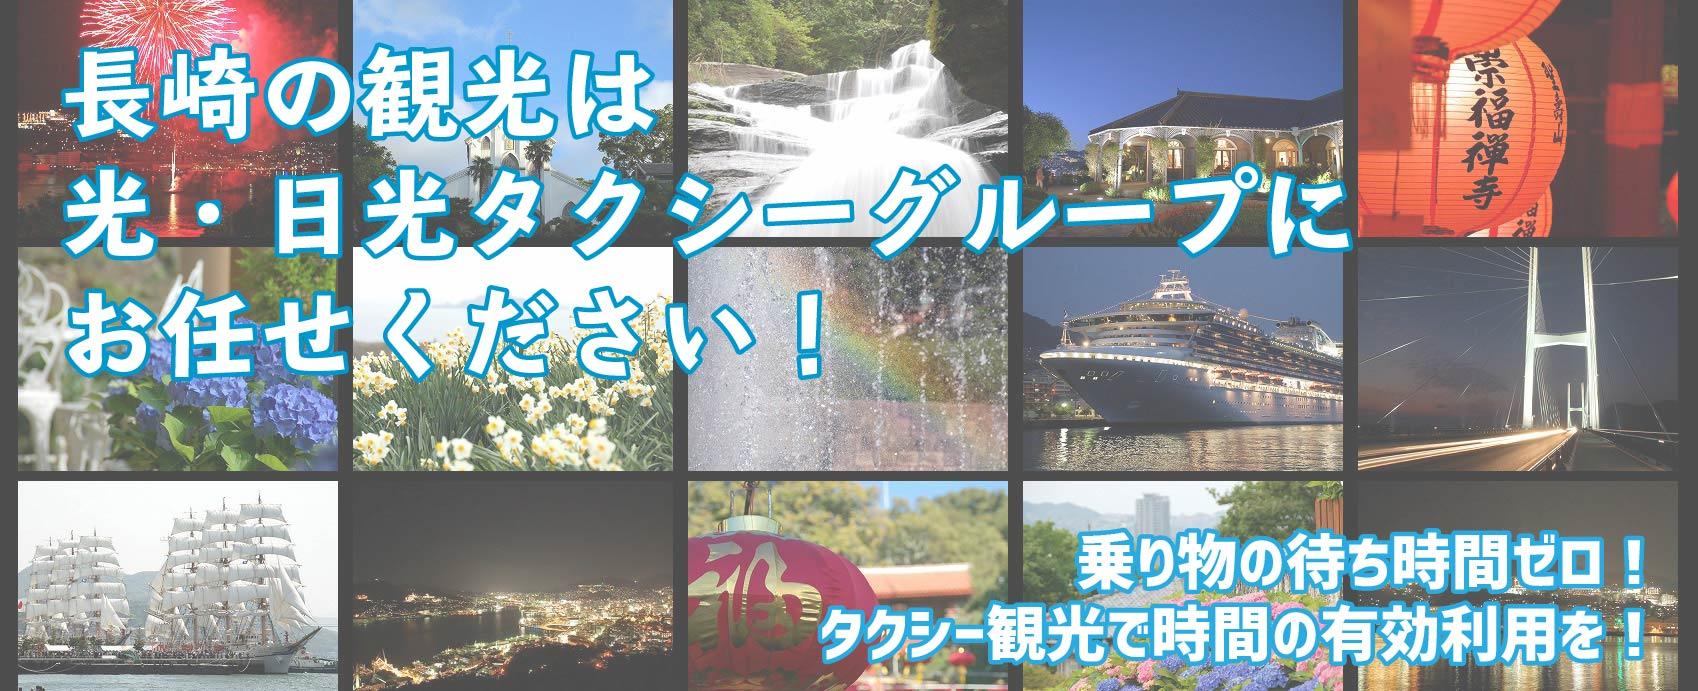 名所 長崎 観光